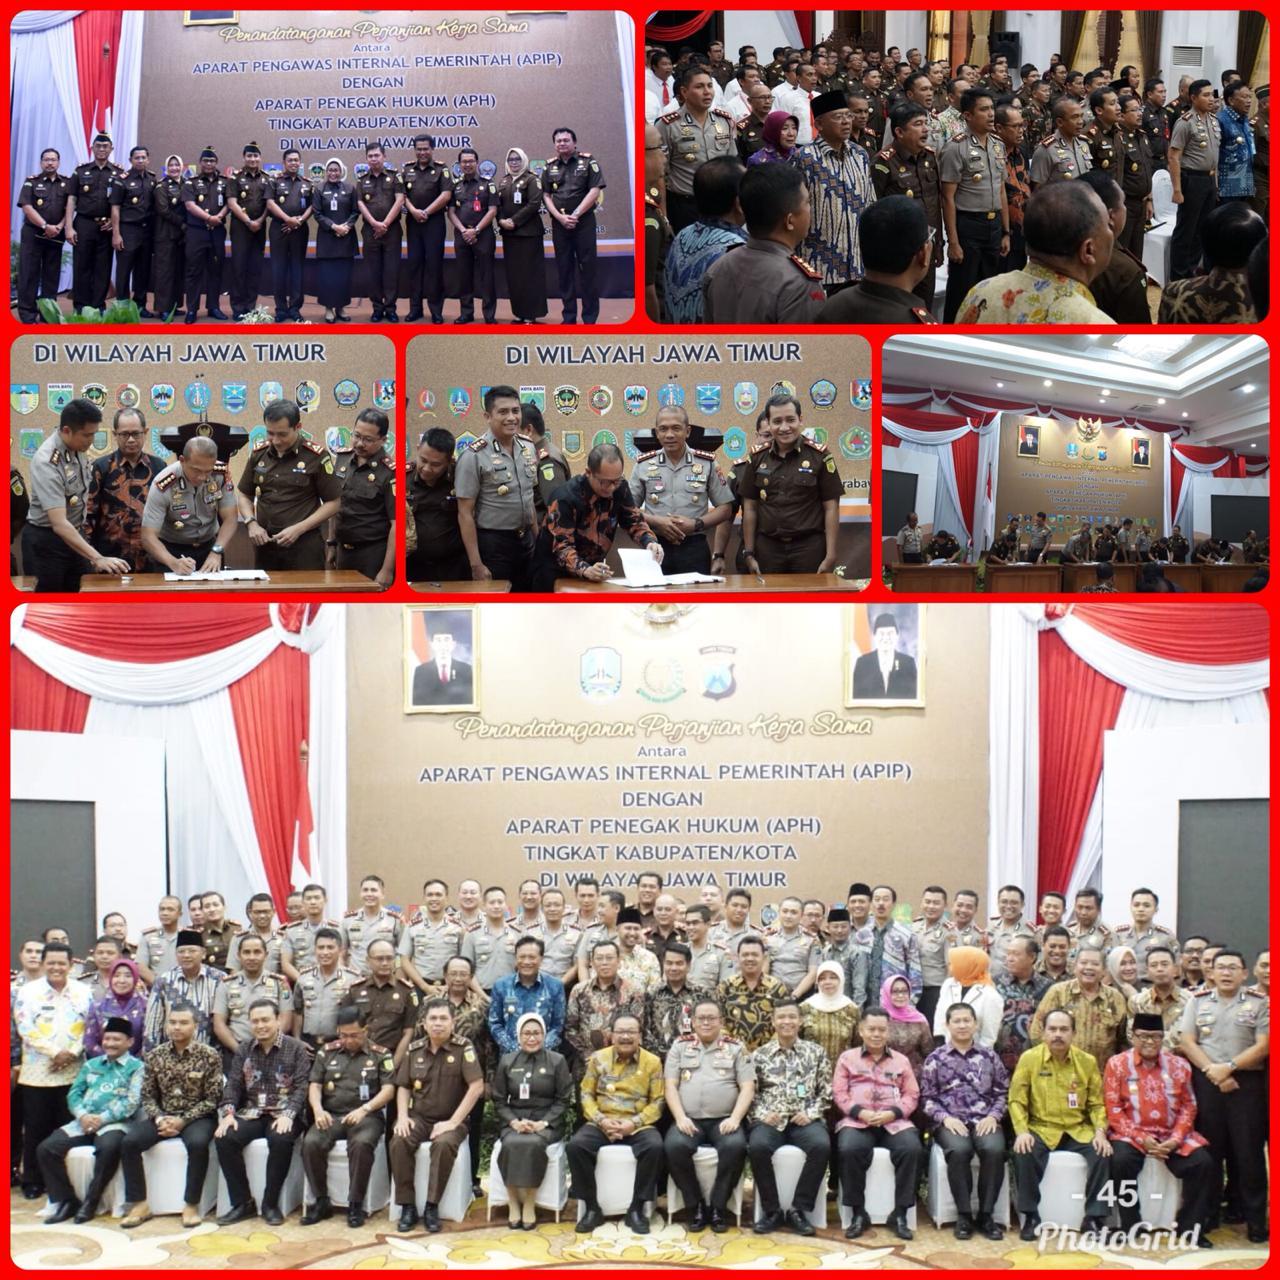 Kajari Surabaya dan Kajati Jatim Hadiri Penandatanganan Perjanjian Kerjasama di Grahadi 18-09-2018